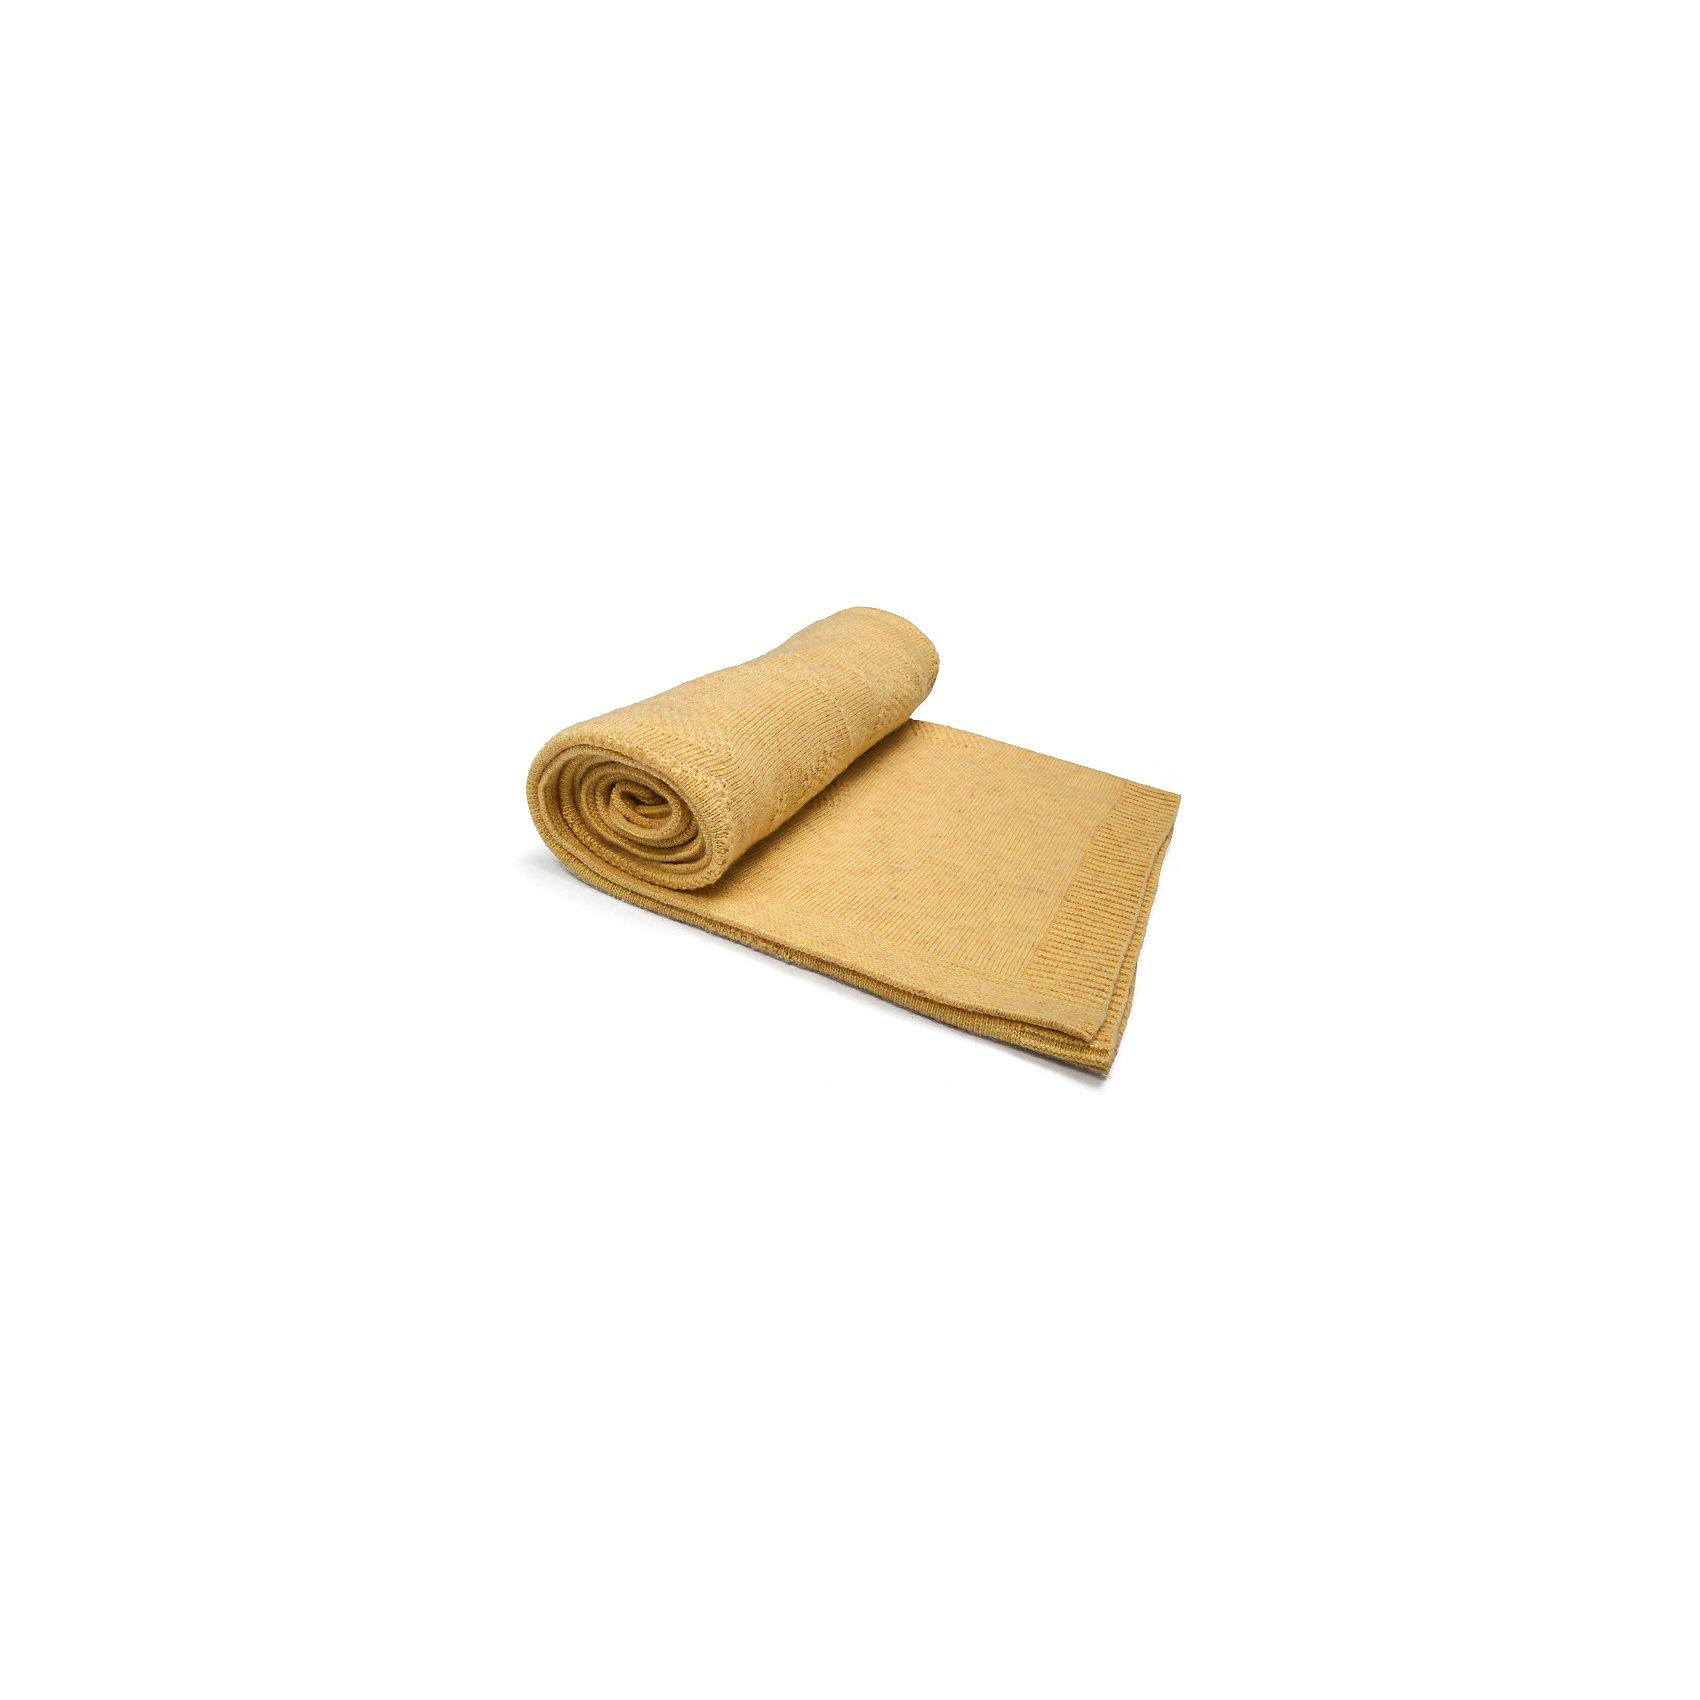 Плед Сластена, Сонный гномик, желтый меланжПлед Сластена, Сонный гномик, желтый меланж изготовлен из полотна, которое связано из сочетания шерсти, вискозы и акрила, благодаря чему плед хорошо держит форму и обладает воздухопроницаемыми свойствами. Изделие связано классическим узором: на ровном полотне вывязаны сердечки, а по центру межвежонок, по периметру изделия – рельефная окантовка. Вязаный плед желтого цвета будет идеальным решением для выписки в летний период. Размеры изделия 90*90 см позволяют его использовать в качестве легкого одеяла для сна, когда ребенок подрастет. <br><br>Дополнительная информация:<br><br>- Предназначение: для прогулки, на выписку, для сна<br>- Сезон: лето<br>- Материал: вязаное полотно из шерсти (30%), акрила (30%) и вискозы (40%)<br>- Пол: для девочки/для мальчика<br>- Цвет: желтый<br>- Размеры (Д*Ш*Д): 30*5*25 см<br>- Вес: 300 г<br>- Особенности ухода: разрешается стирка при температуре не более 30 градусов, запрещается использовать химические отбеливатели<br><br>Подробнее:<br><br>• Для детей в возрасте от 0 месяцев и до 4 лет<br>• Страна производитель: Россия<br>• Торговый бренд: Сонный гномик<br><br>Плед Сластена, Сонный гномик, желтый меланж можно купить в нашем интернет-магазине.<br><br>Ширина мм: 300<br>Глубина мм: 50<br>Высота мм: 250<br>Вес г: 300<br>Возраст от месяцев: 0<br>Возраст до месяцев: 48<br>Пол: Унисекс<br>Возраст: Детский<br>SKU: 4922743